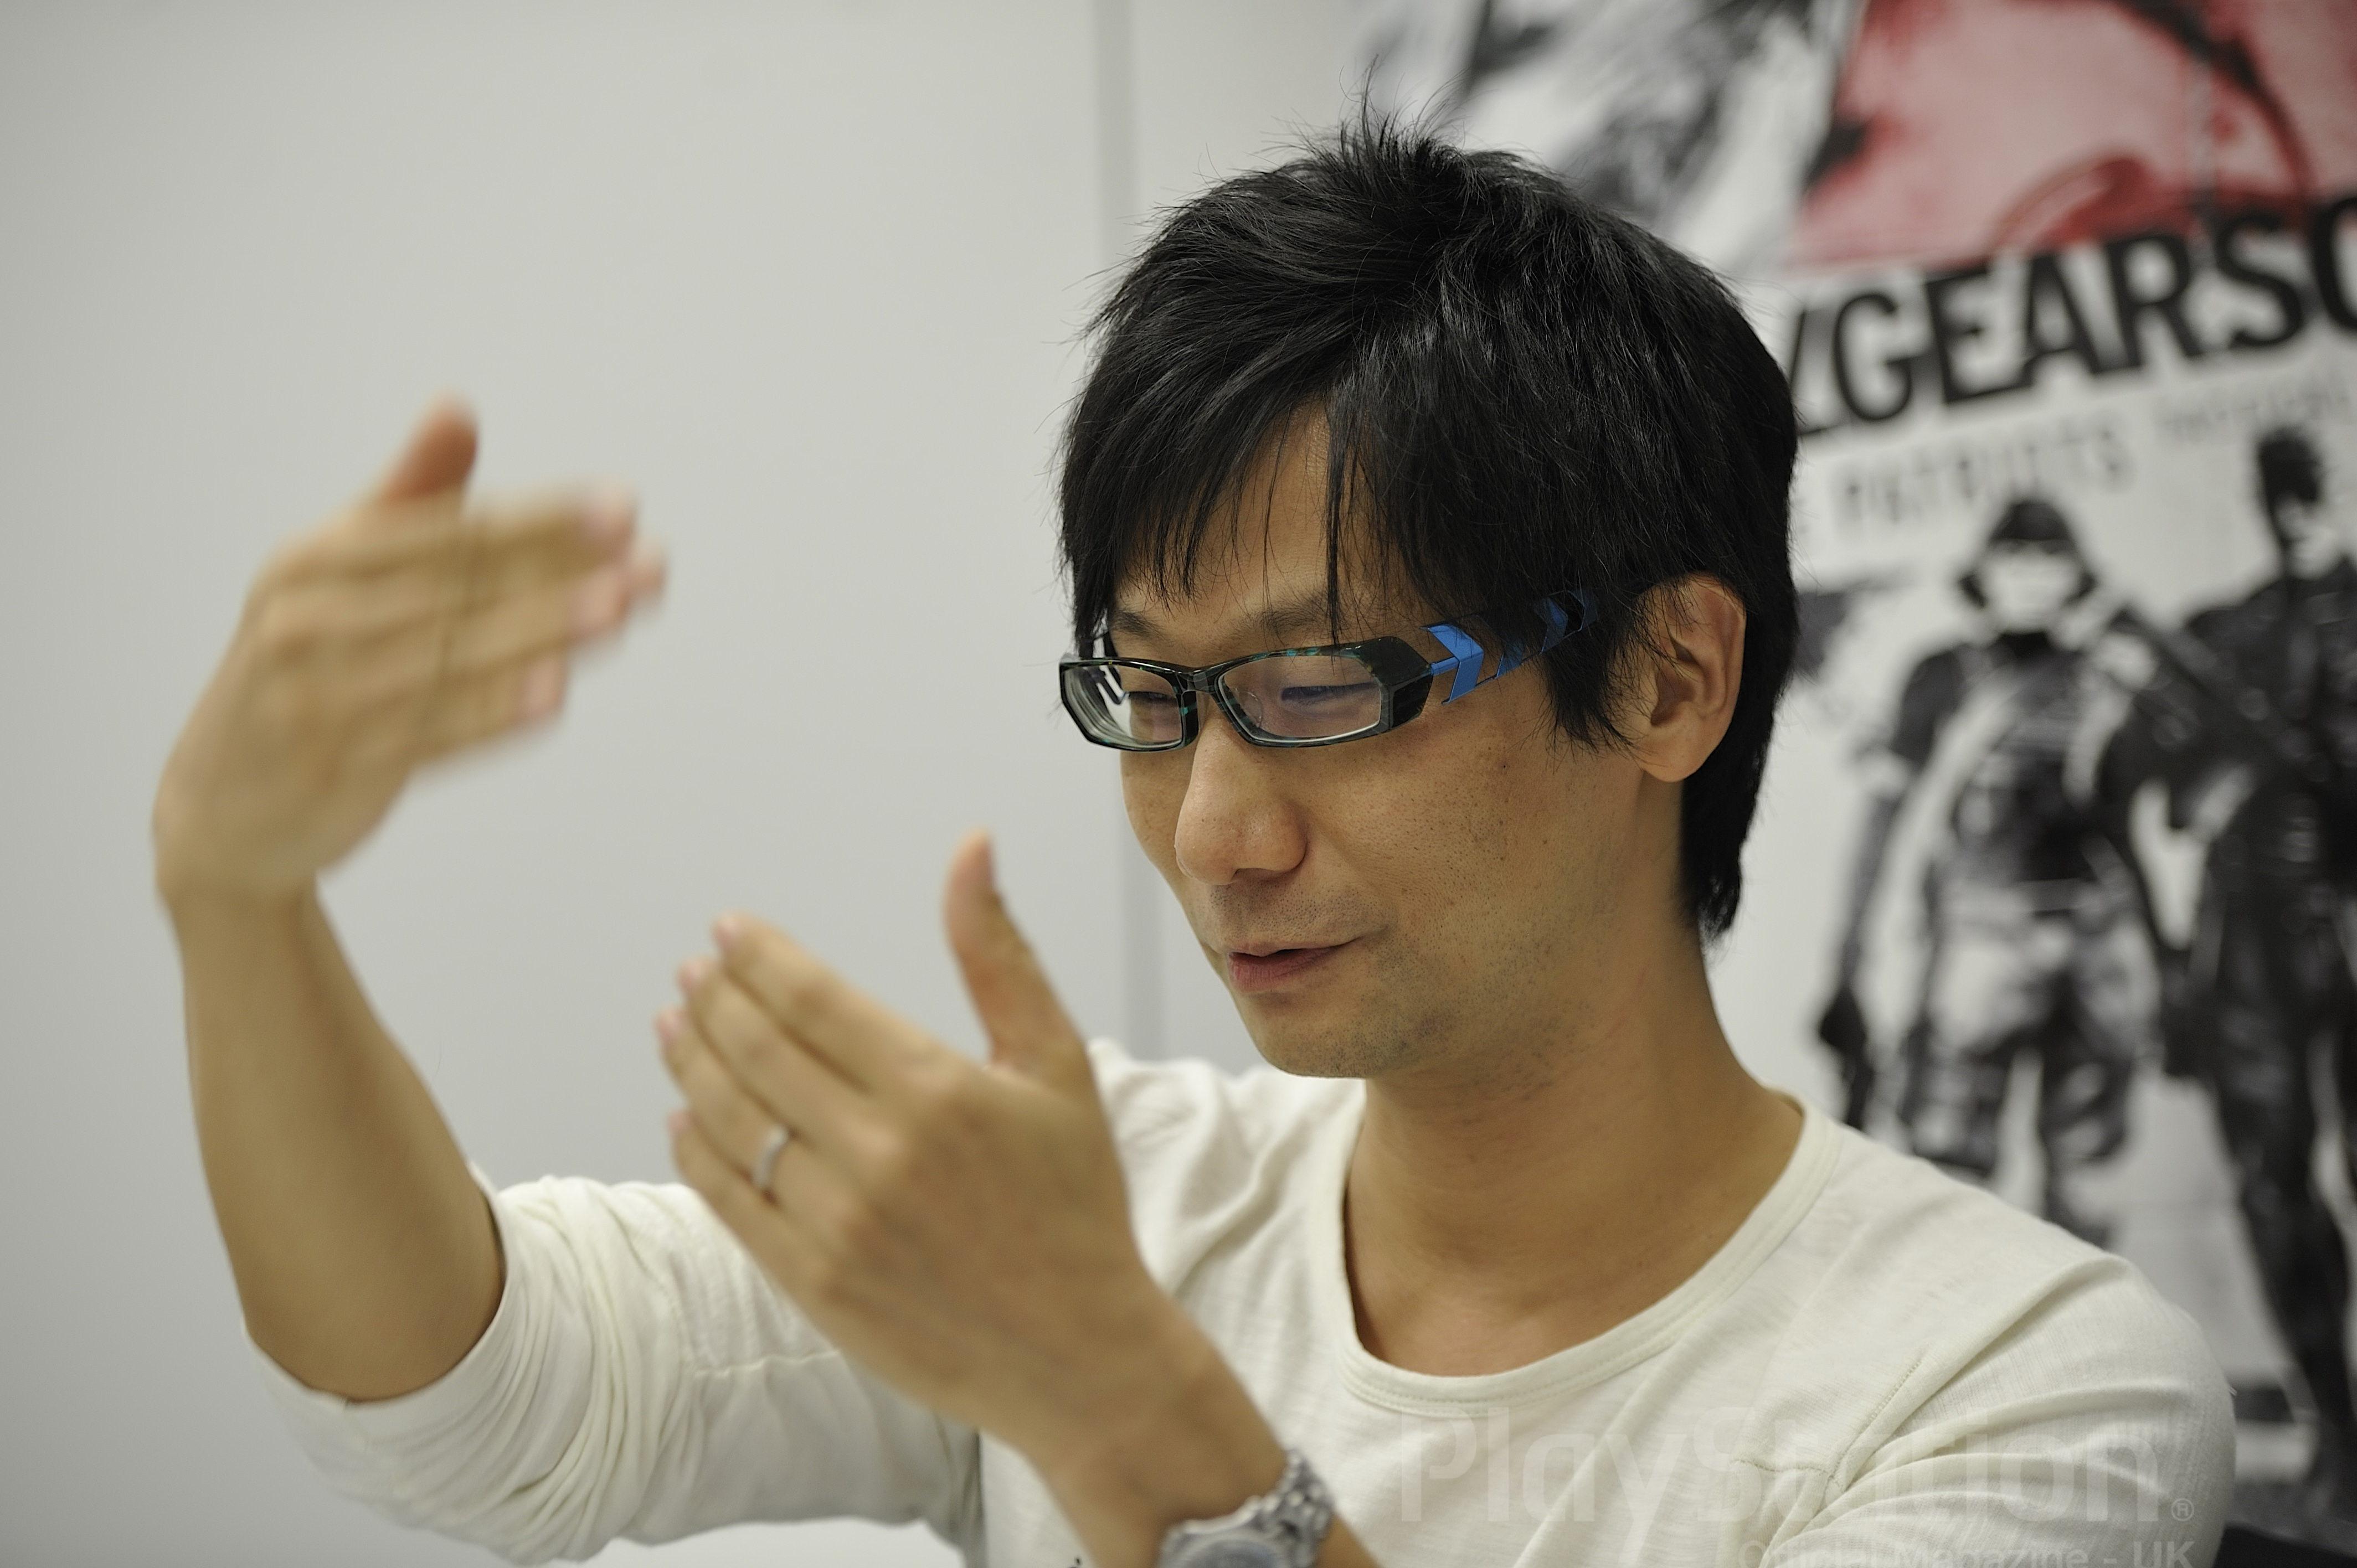 Hideo-Kojima-interivew-Project-Ogre